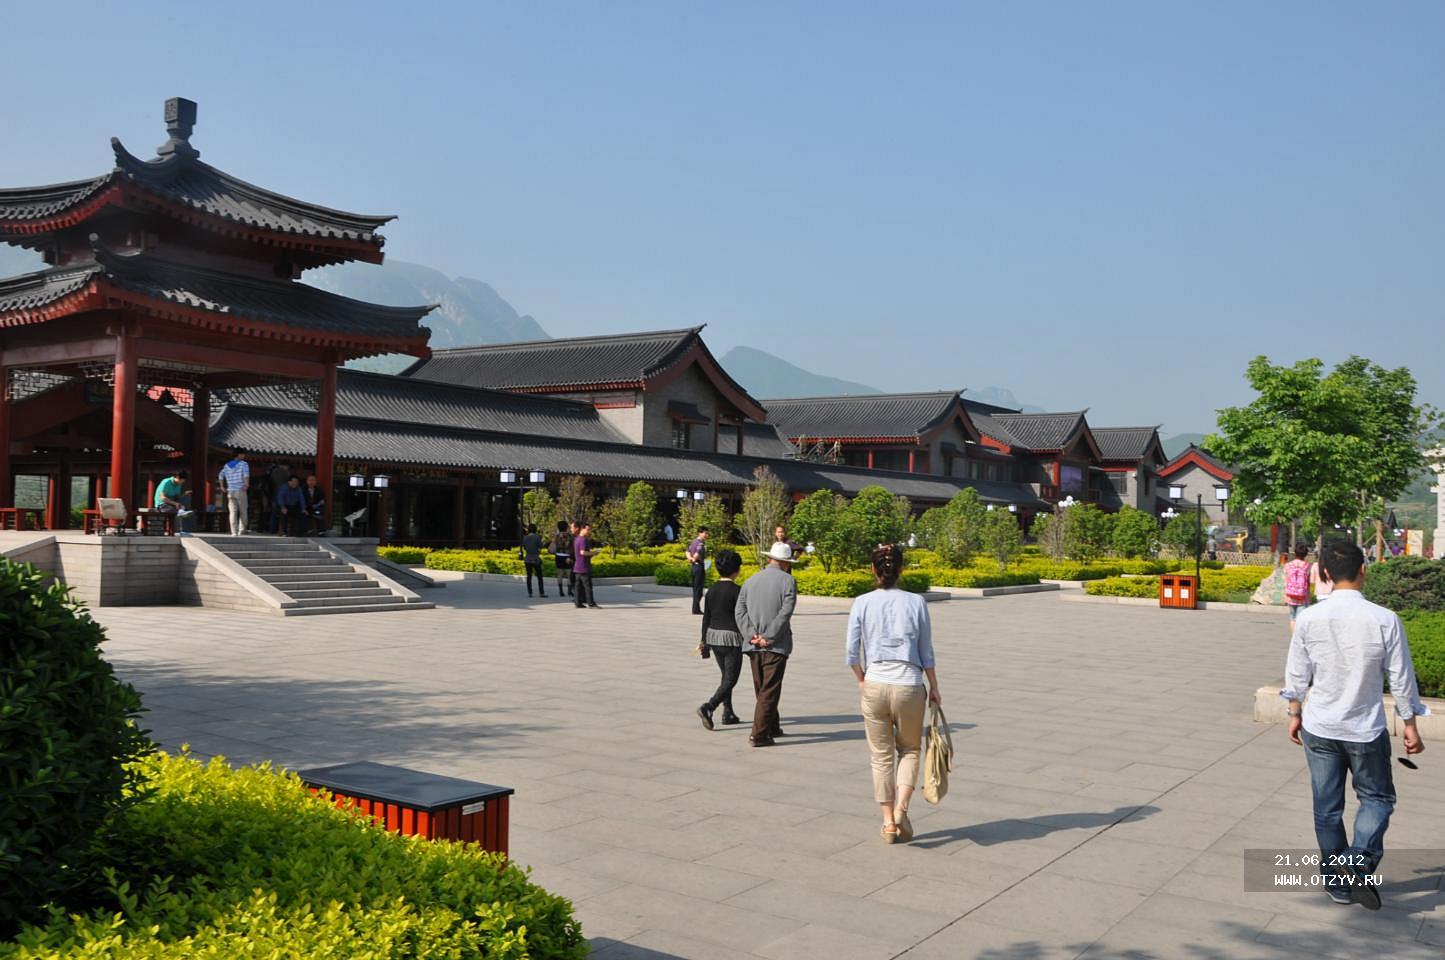 есть, конечно, туры в пекин из уссурийска материал